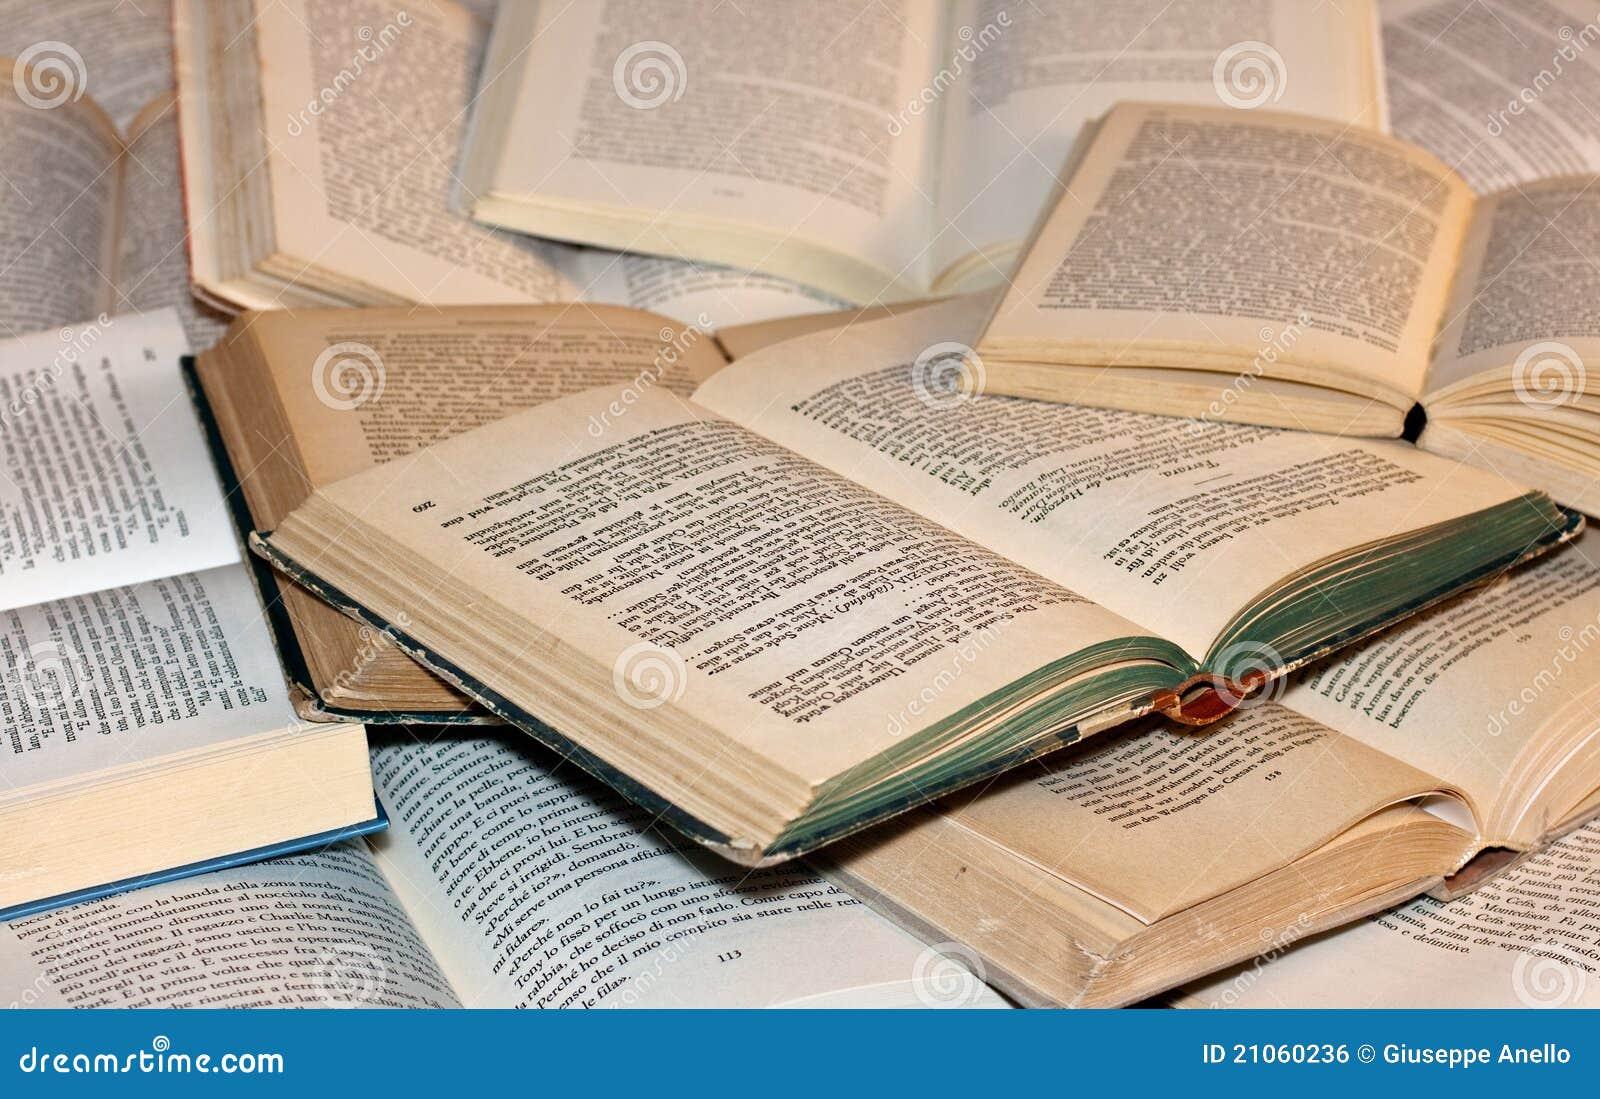 книги раскрывают